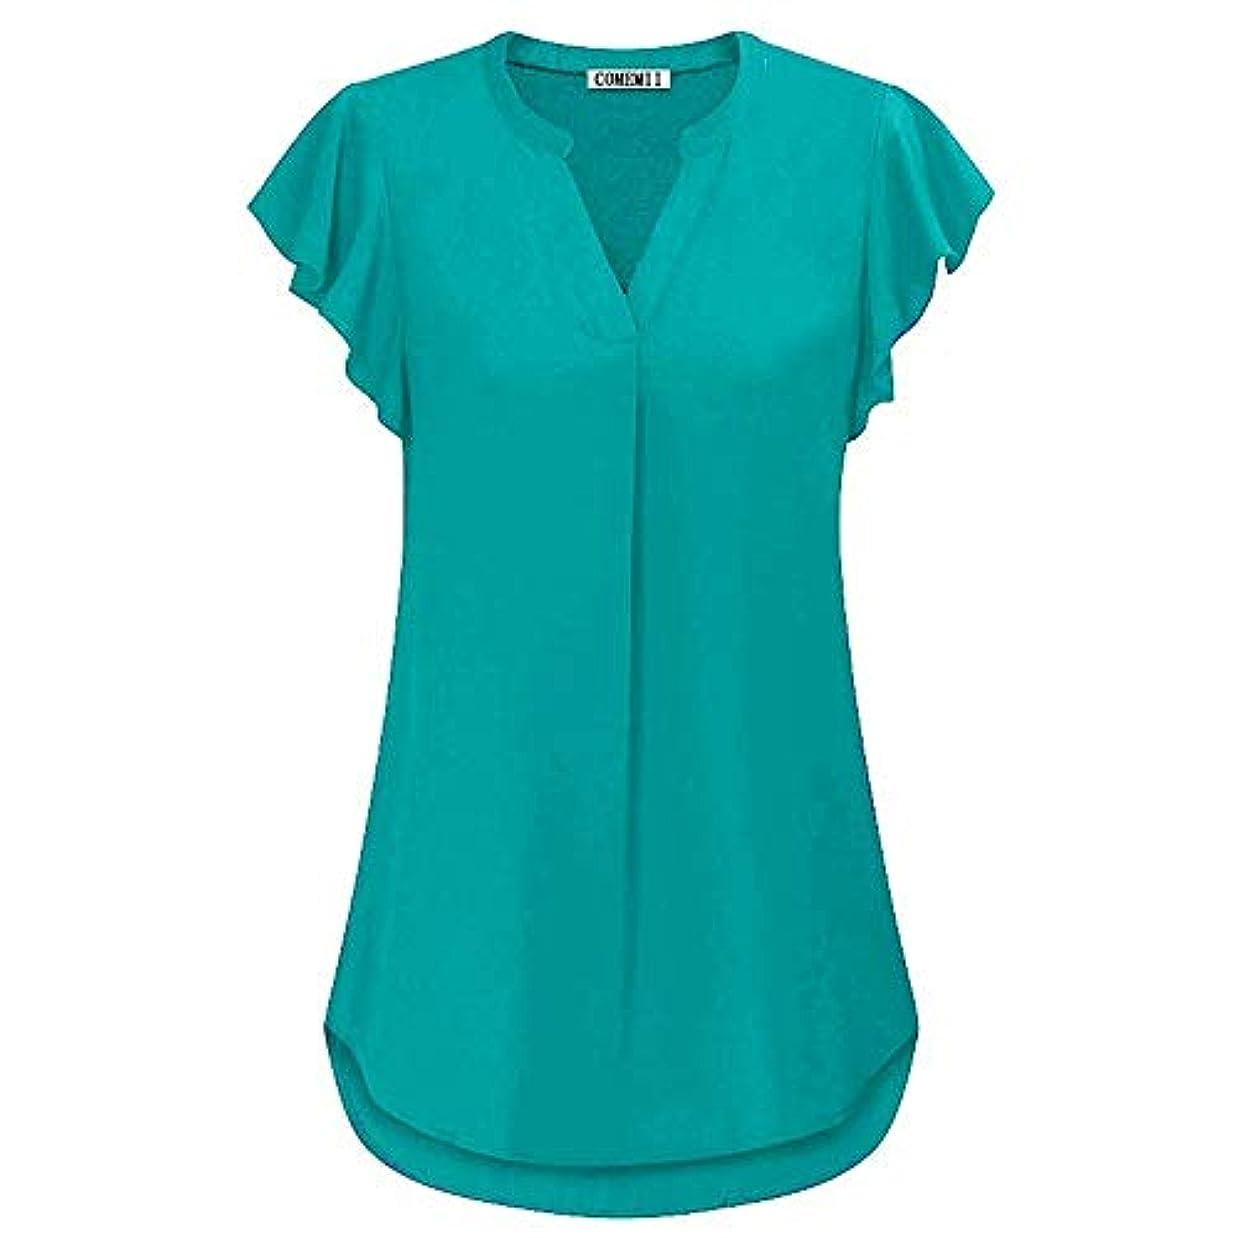 こっそり控えめな連合MIFAN女性ブラウス、シフォンブラウス、カジュアルTシャツ、ゆったりしたTシャツ、夏用トップス、シフォンシャツ、半袖、プラスサイズのファッション